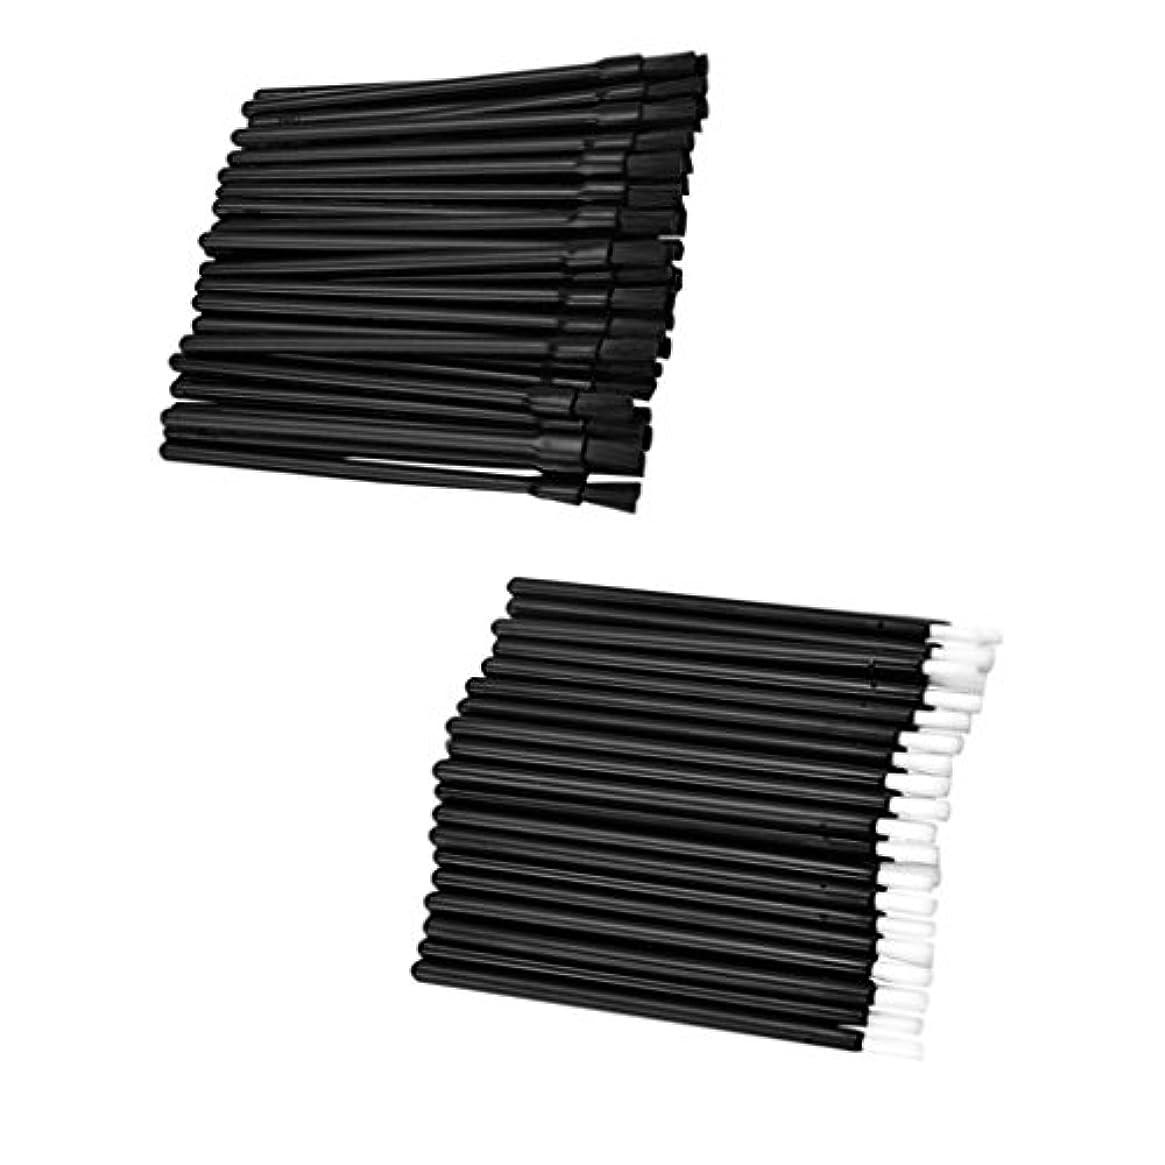 意義遅い周術期約100個 リップブラシ ロット 使い捨て 繊維 リップ メイクブラシ リップ ブラシ